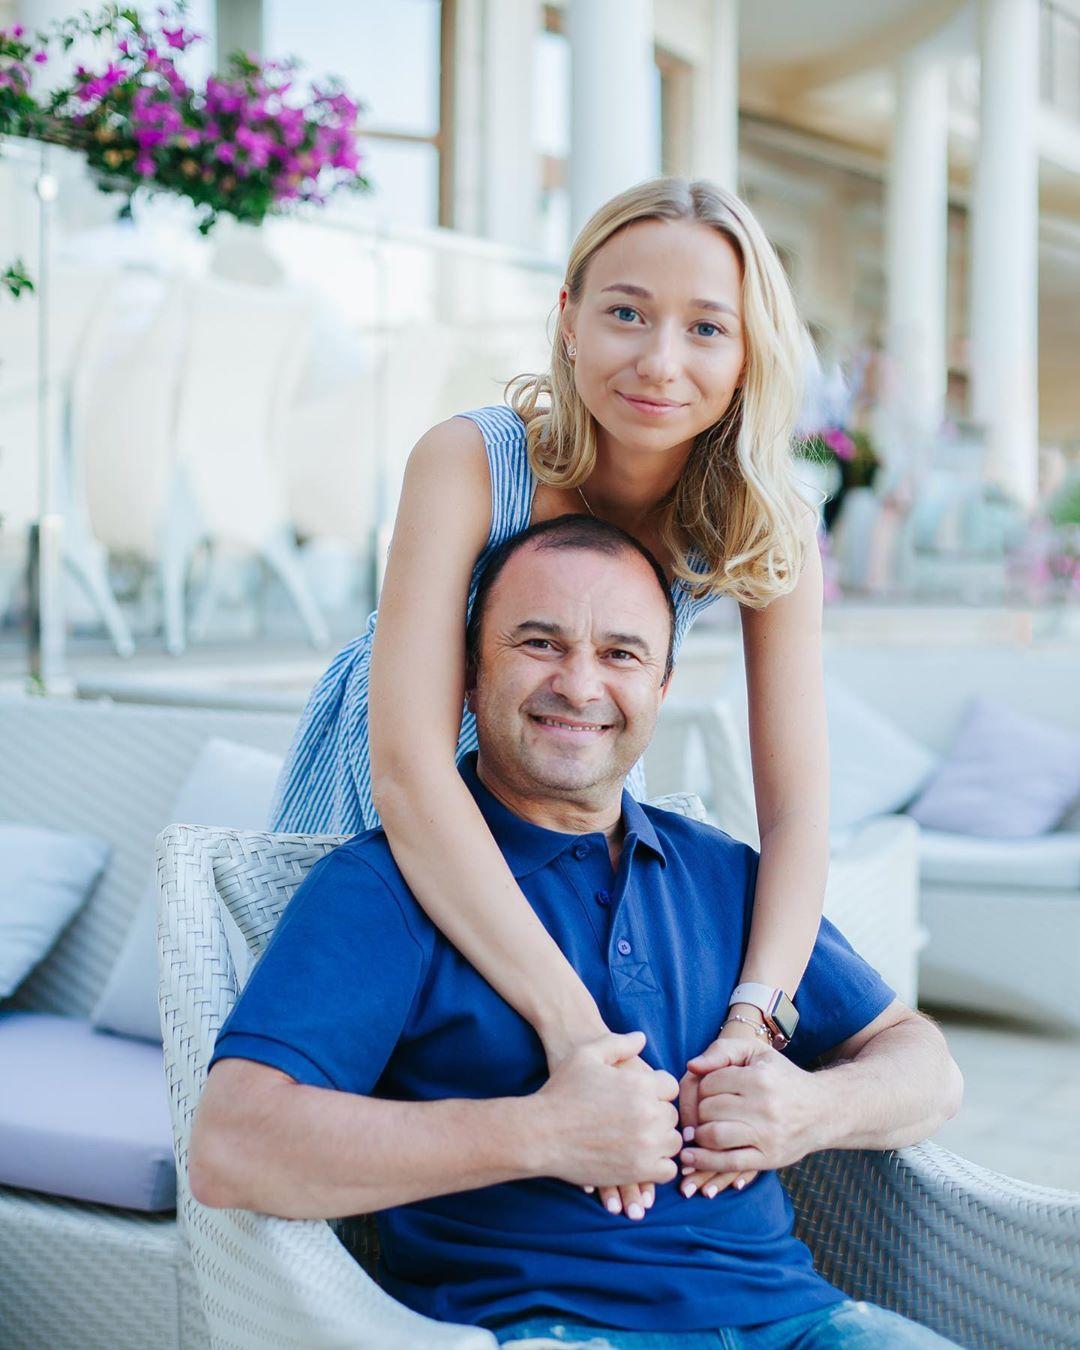 Юная возлюбленная Виктора Павлика поделилась романтическим фото с певцом